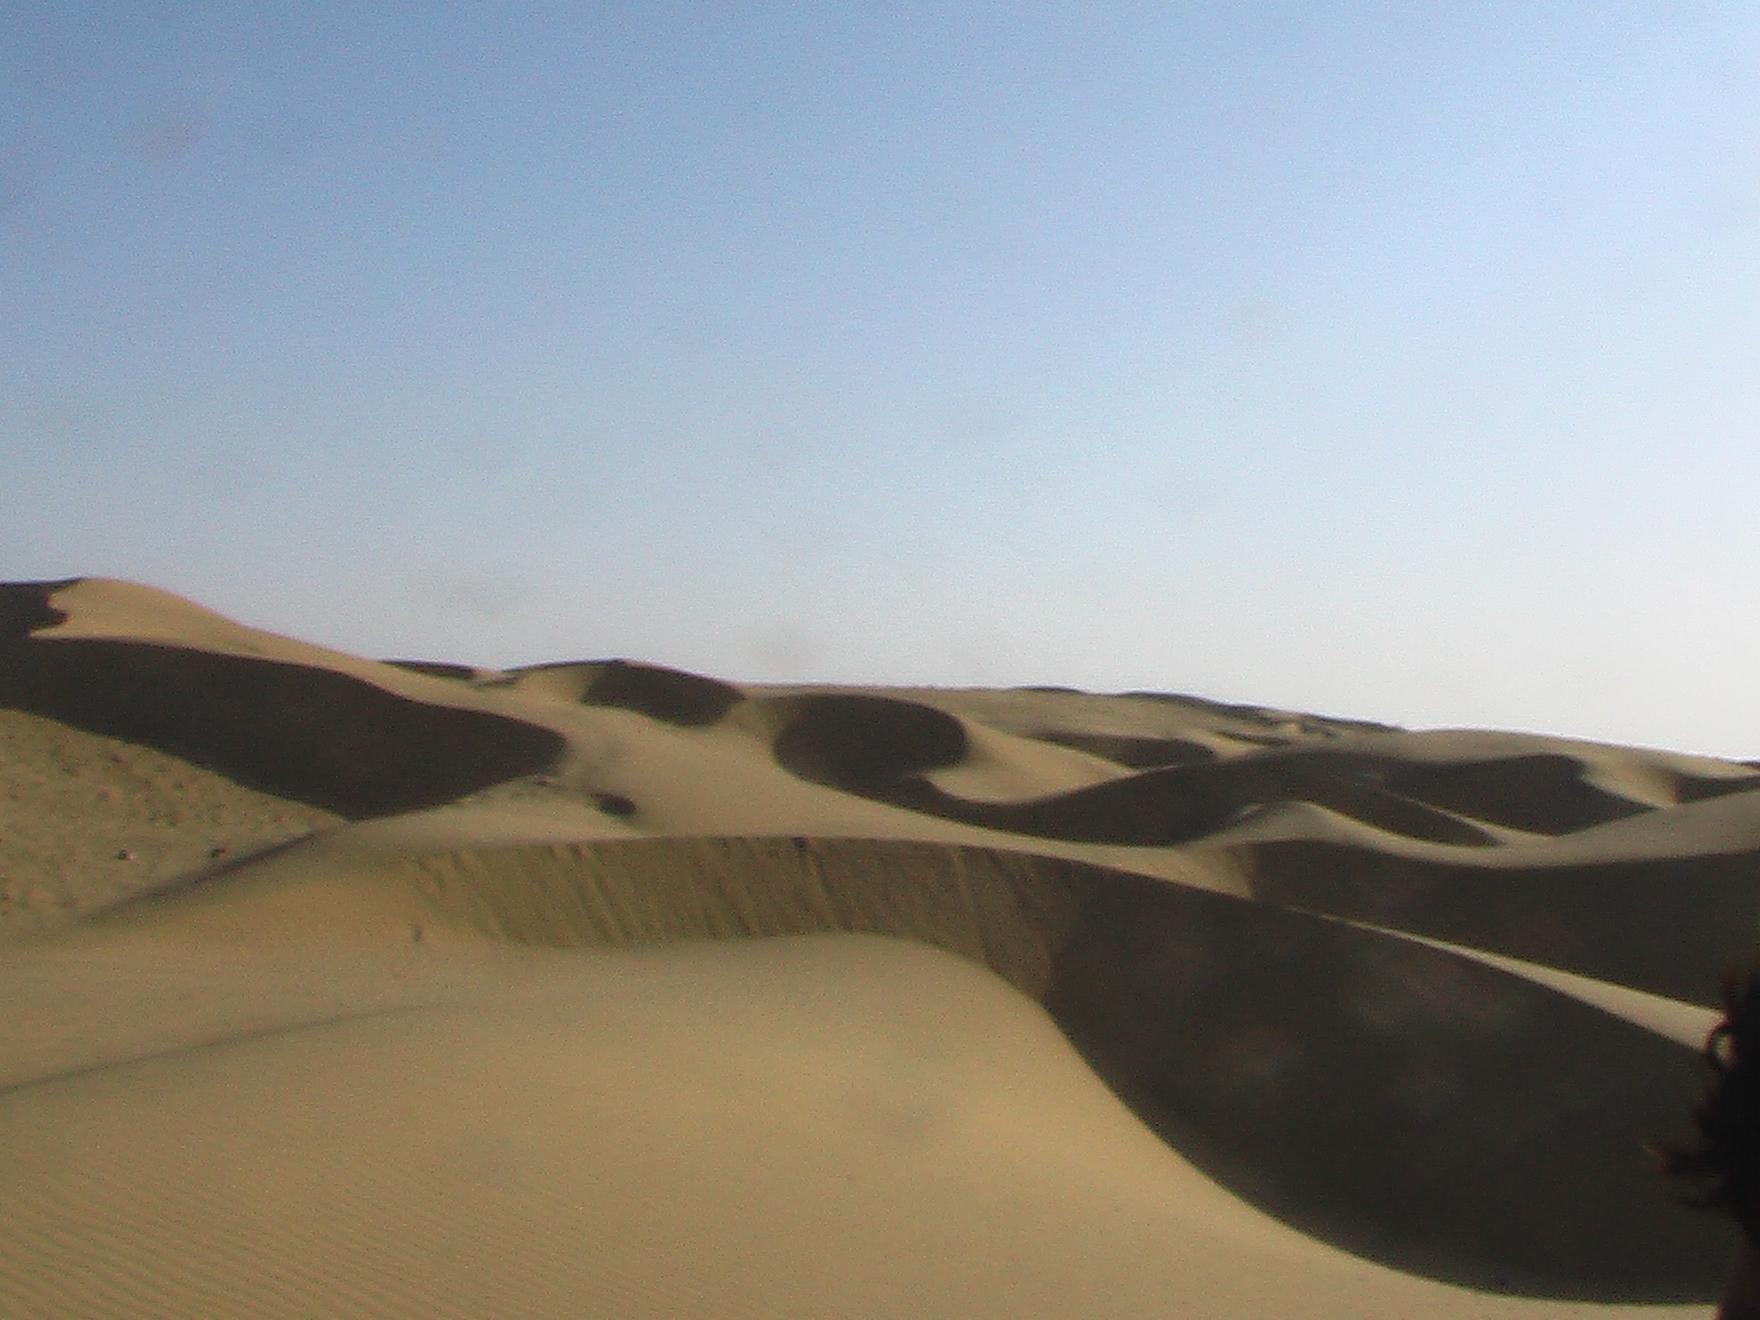 Rajasthan Sun (Part 2)